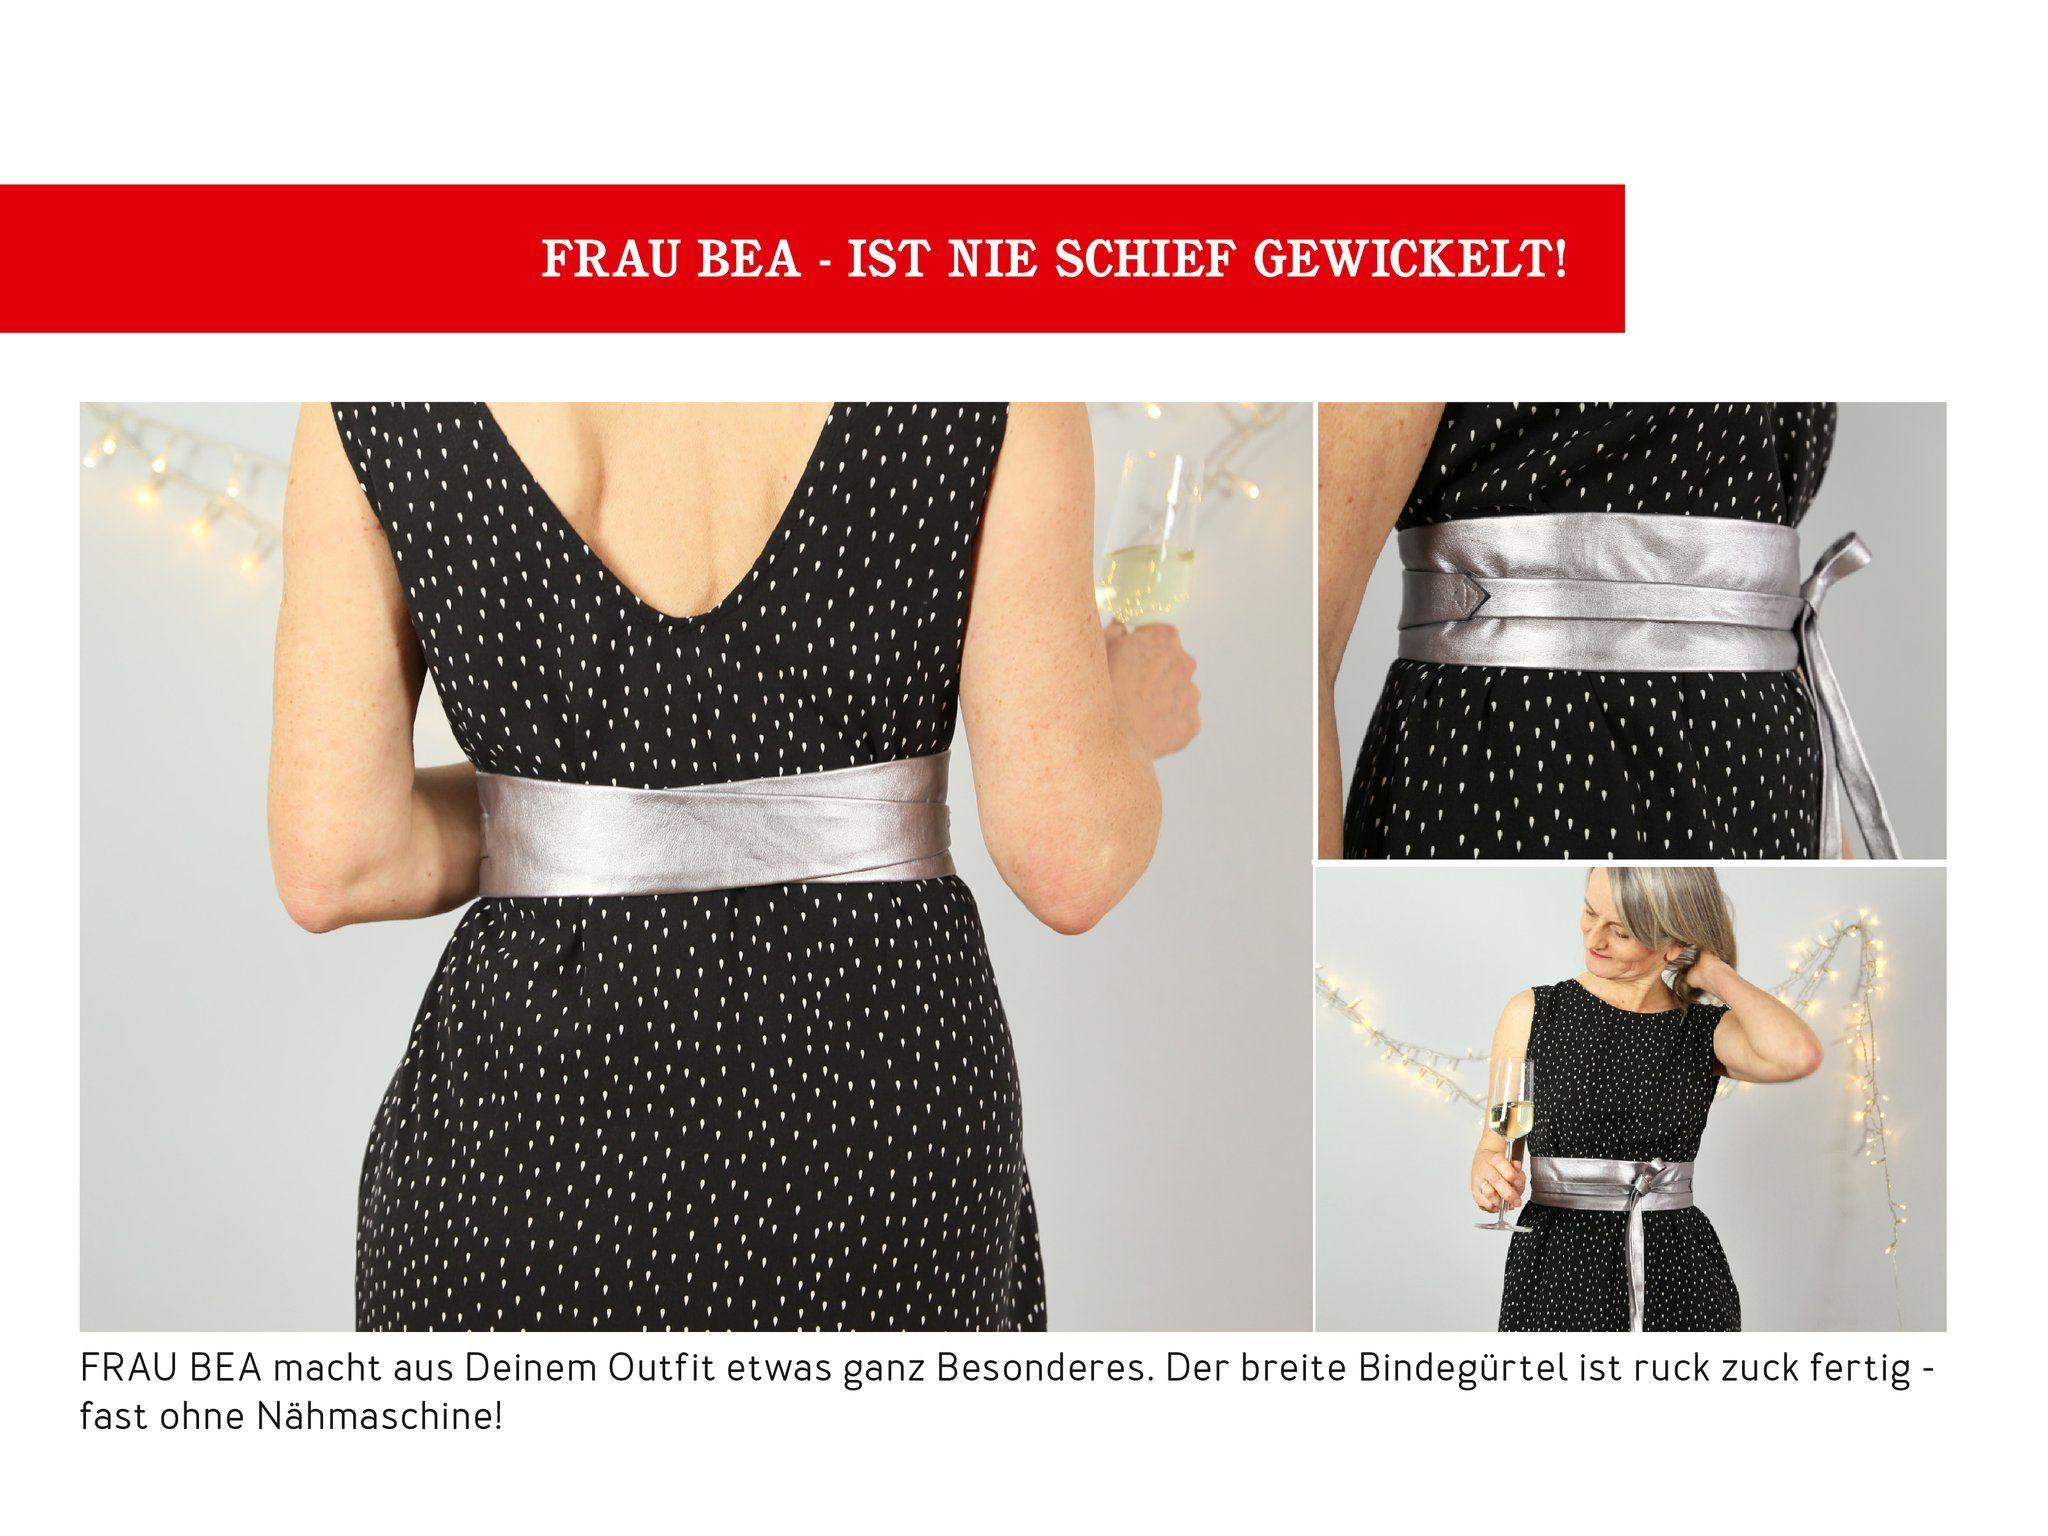 Frau Bea Eleganter Bindegurtel Studio Schnittreif Kleidung Modestil Hoher Taillenrock